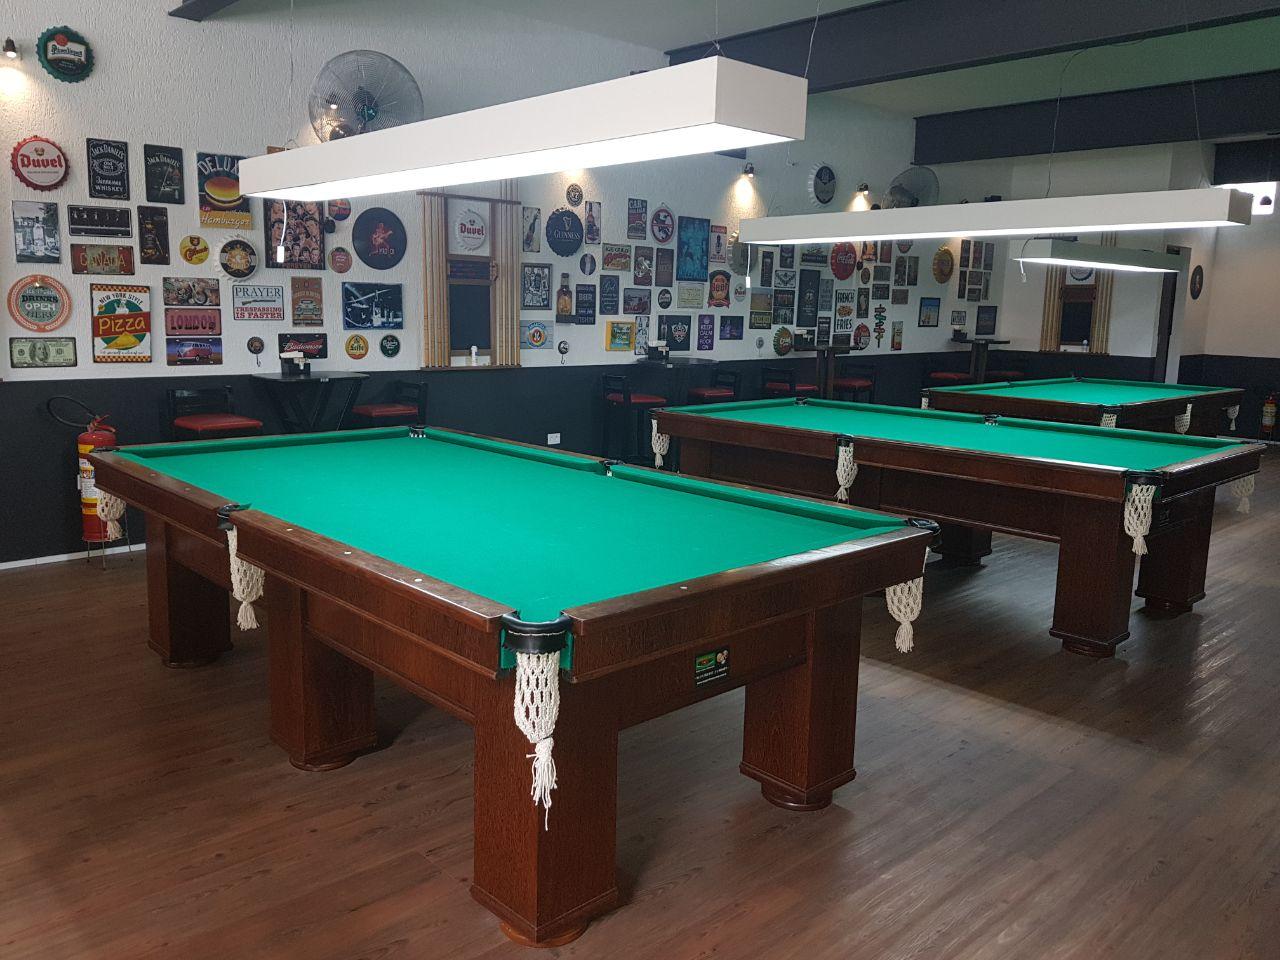 SNOOKER BAR - mande o stress pro buraco!!! - Snooker Bar – mande o stress pro buraco!!!